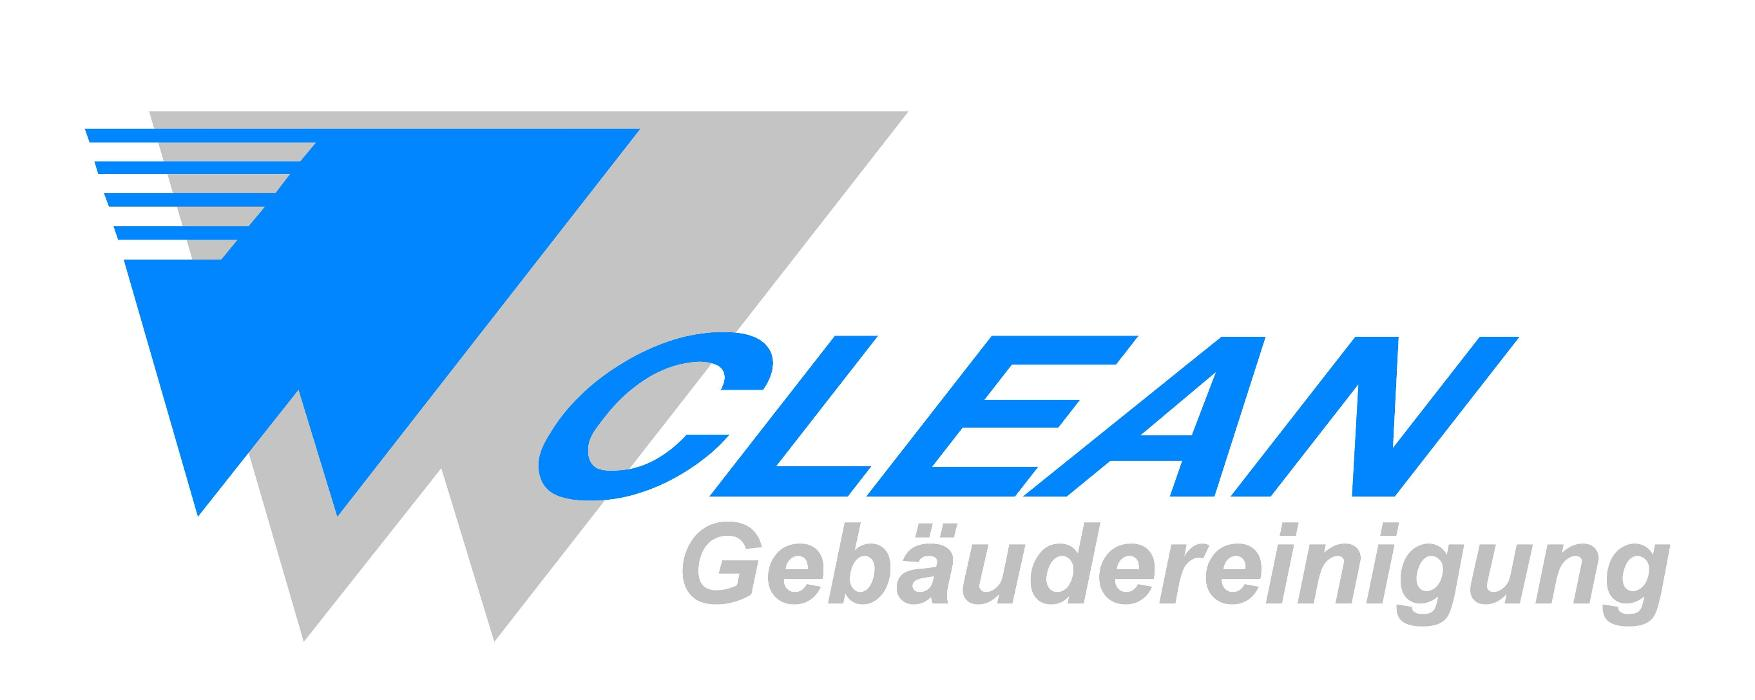 Bild zu Gebäudereinigung WW-Clean e.K. in Hellenhahn Schellenberg